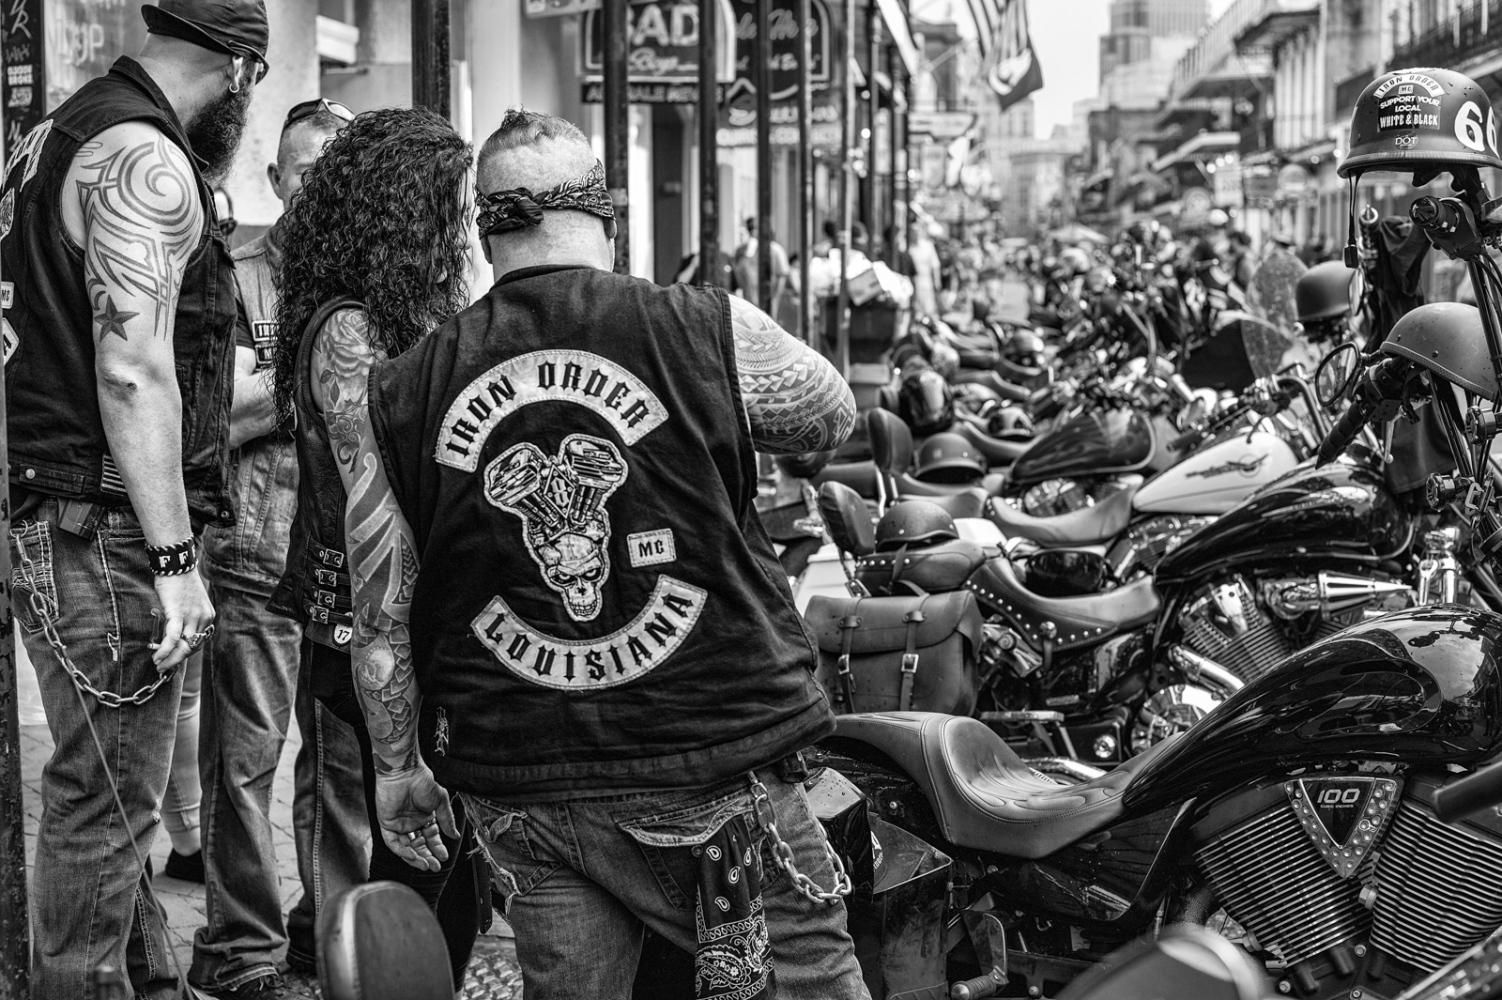 Iron Order Bourbon St. New Orleans, LA